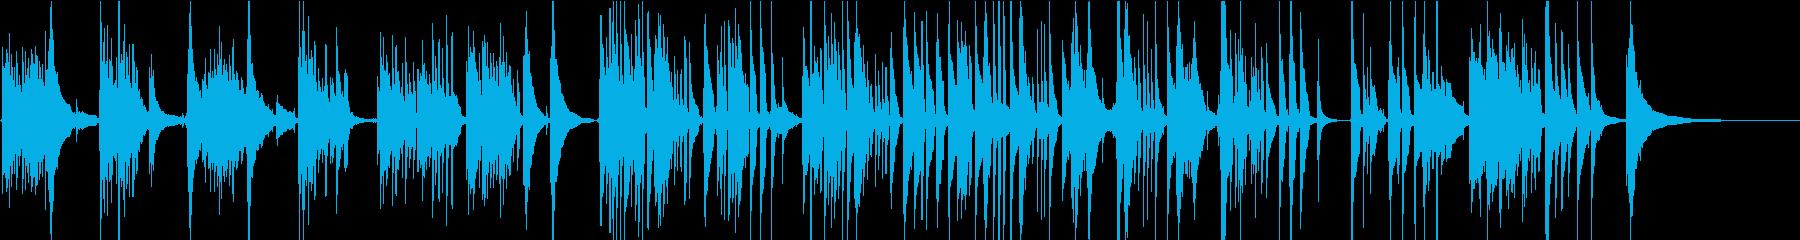 メランコリックでしっとりとしたソロギターの再生済みの波形